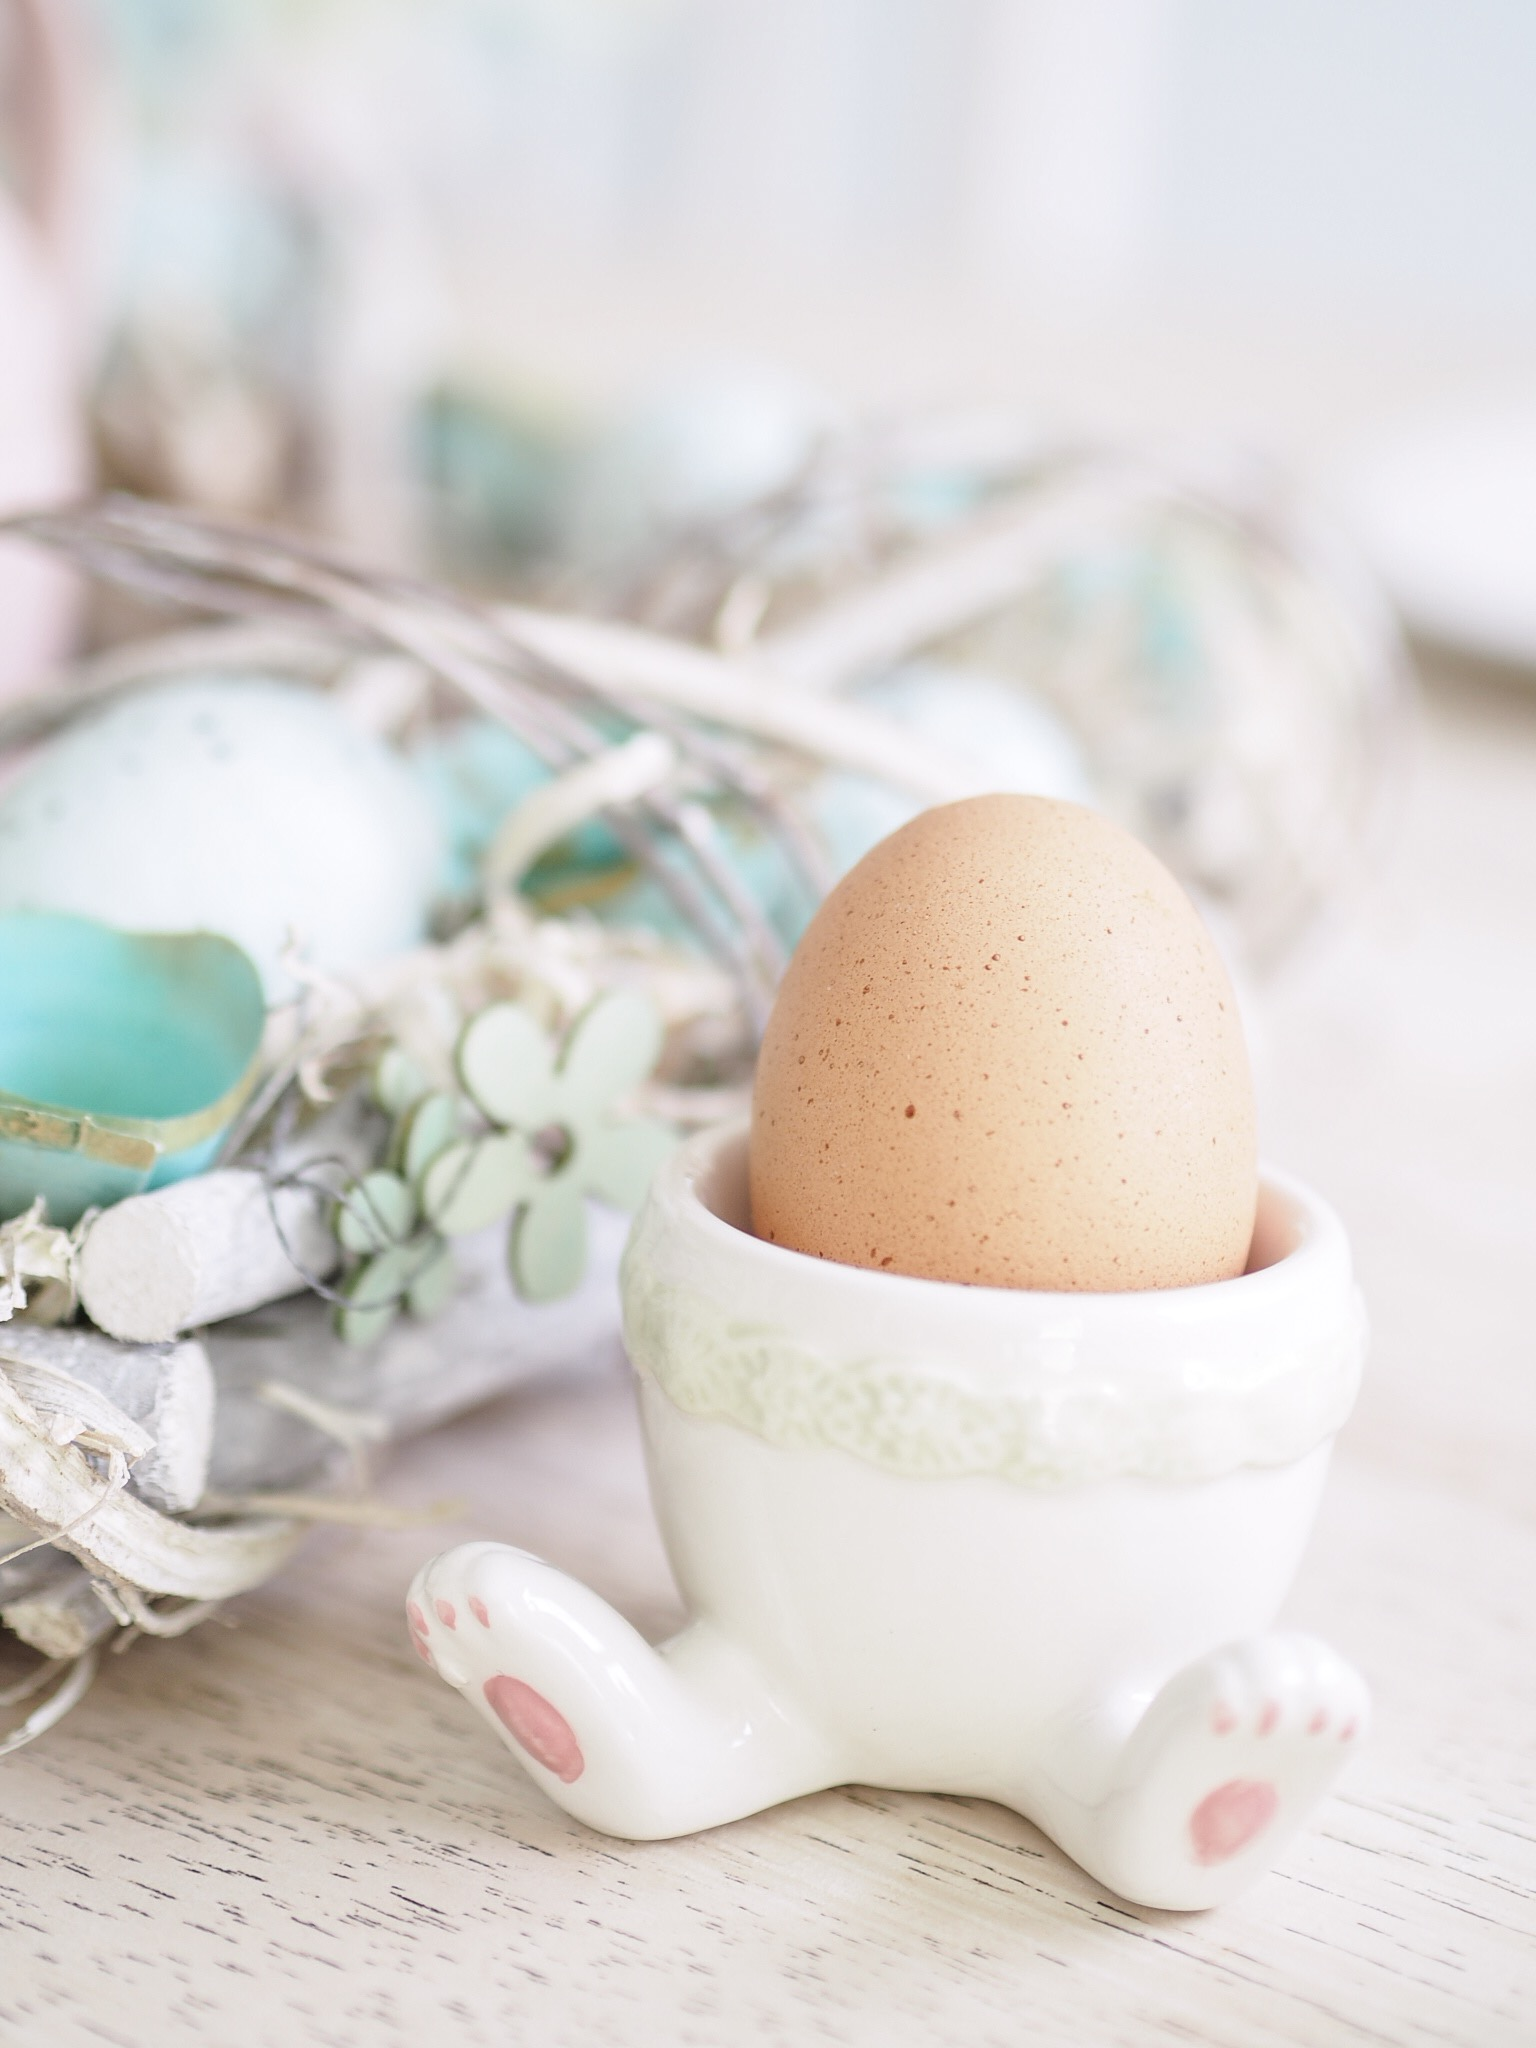 egg cup tk maxx